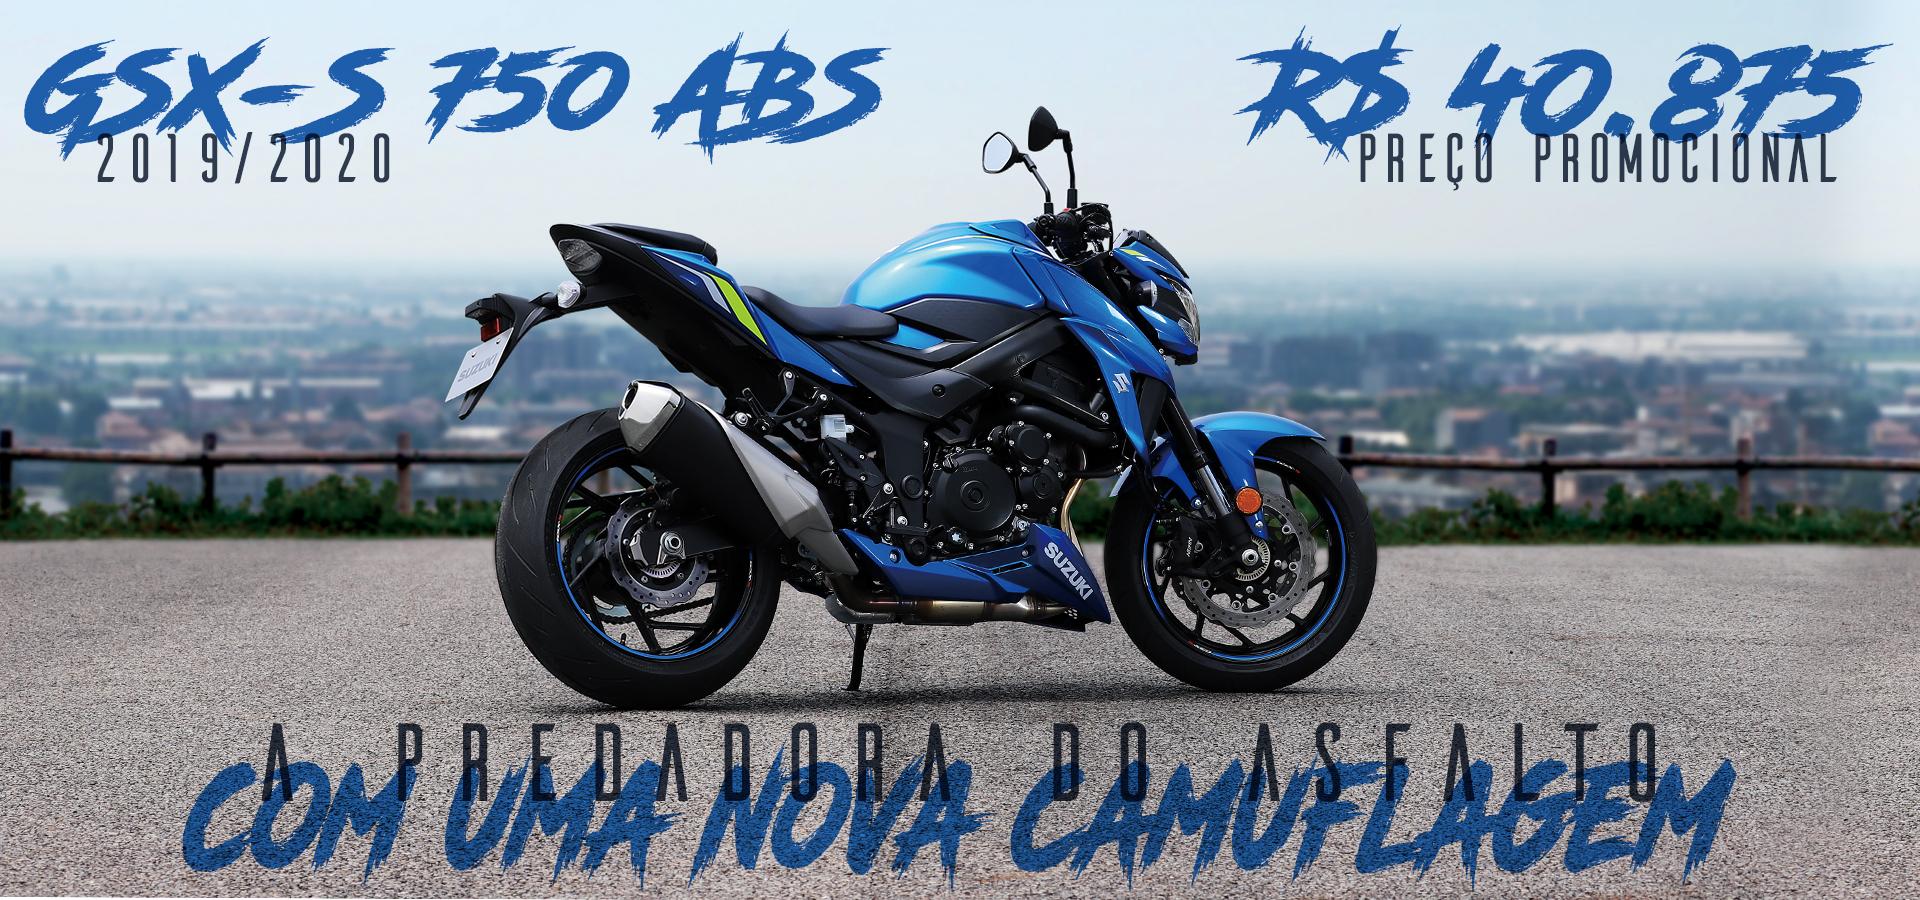 Desktop-S750-Azul1